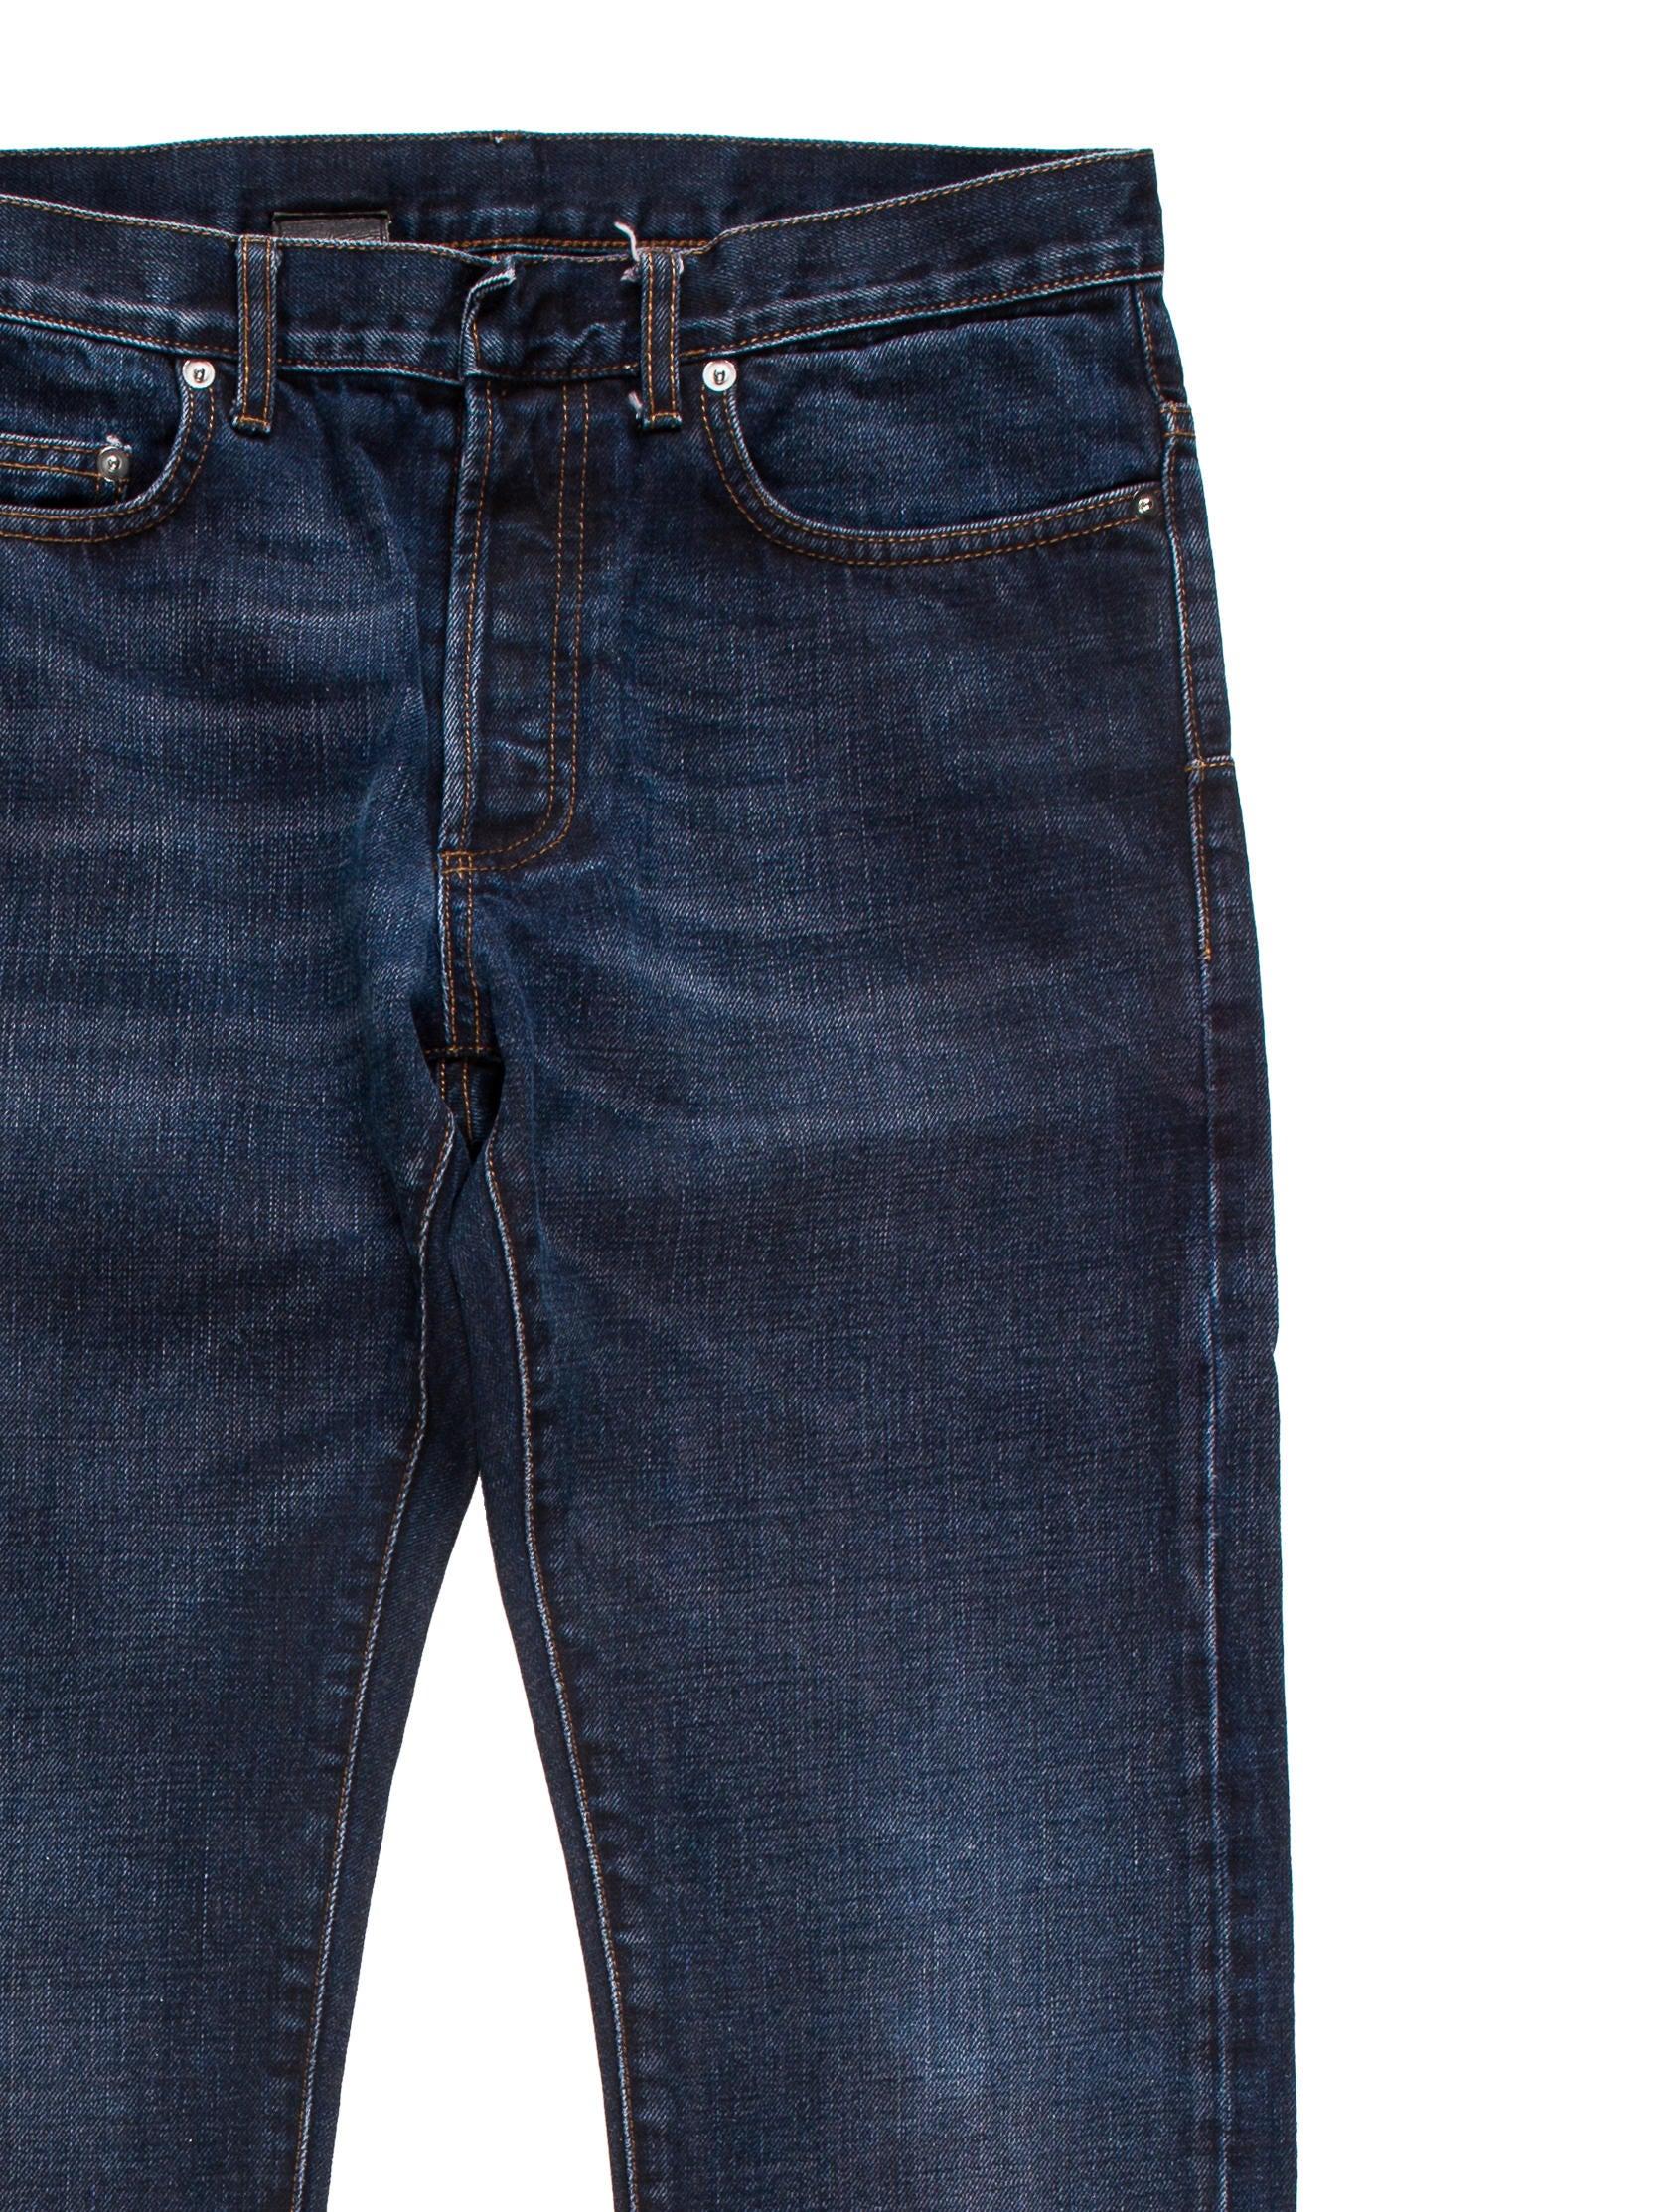 dior homme 2016 five pocket skinny jeans clothing hmm23087 the realreal. Black Bedroom Furniture Sets. Home Design Ideas